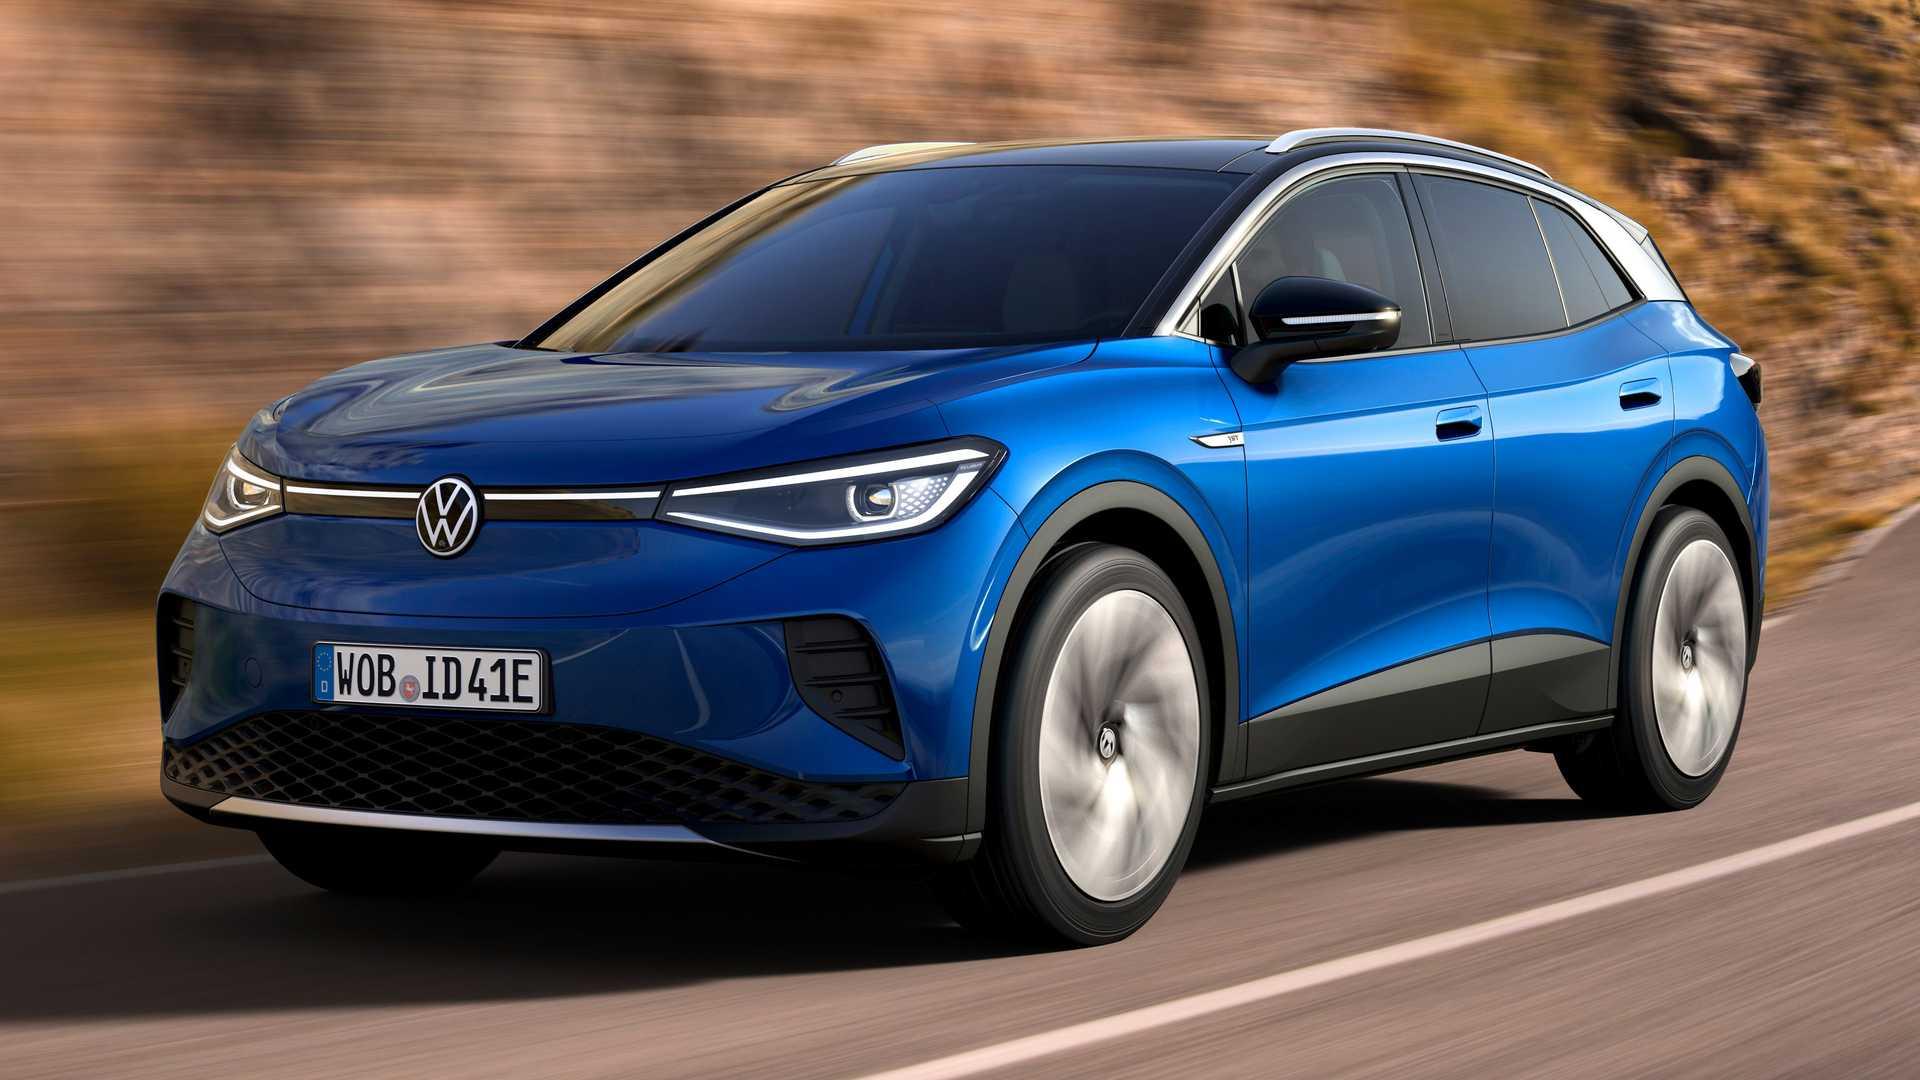 2021-volkswagen-id.4-exterior-in-motion (1)